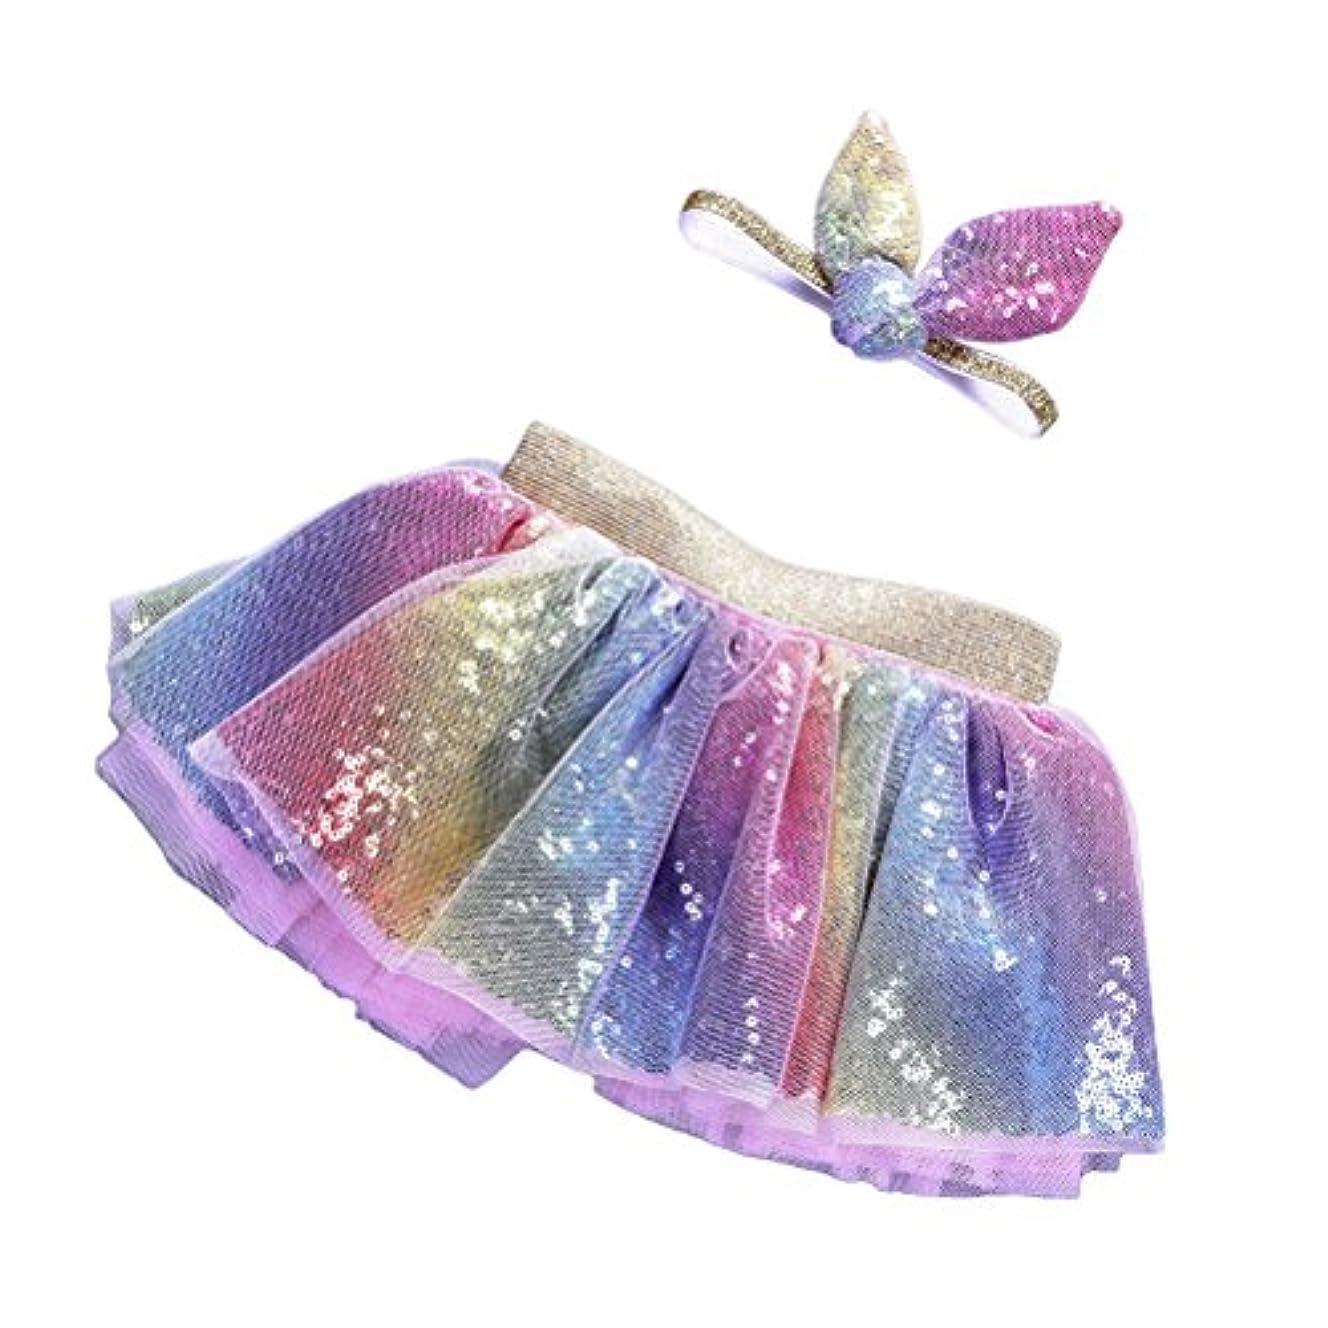 スクレーパーショート中央LUOEM 2PCSレインボーツツスカート(ヘッドバンド付き)プリンセスガールツツーの服装ベイビーガールズ誕生日の服セットサイズL(4-8歳)